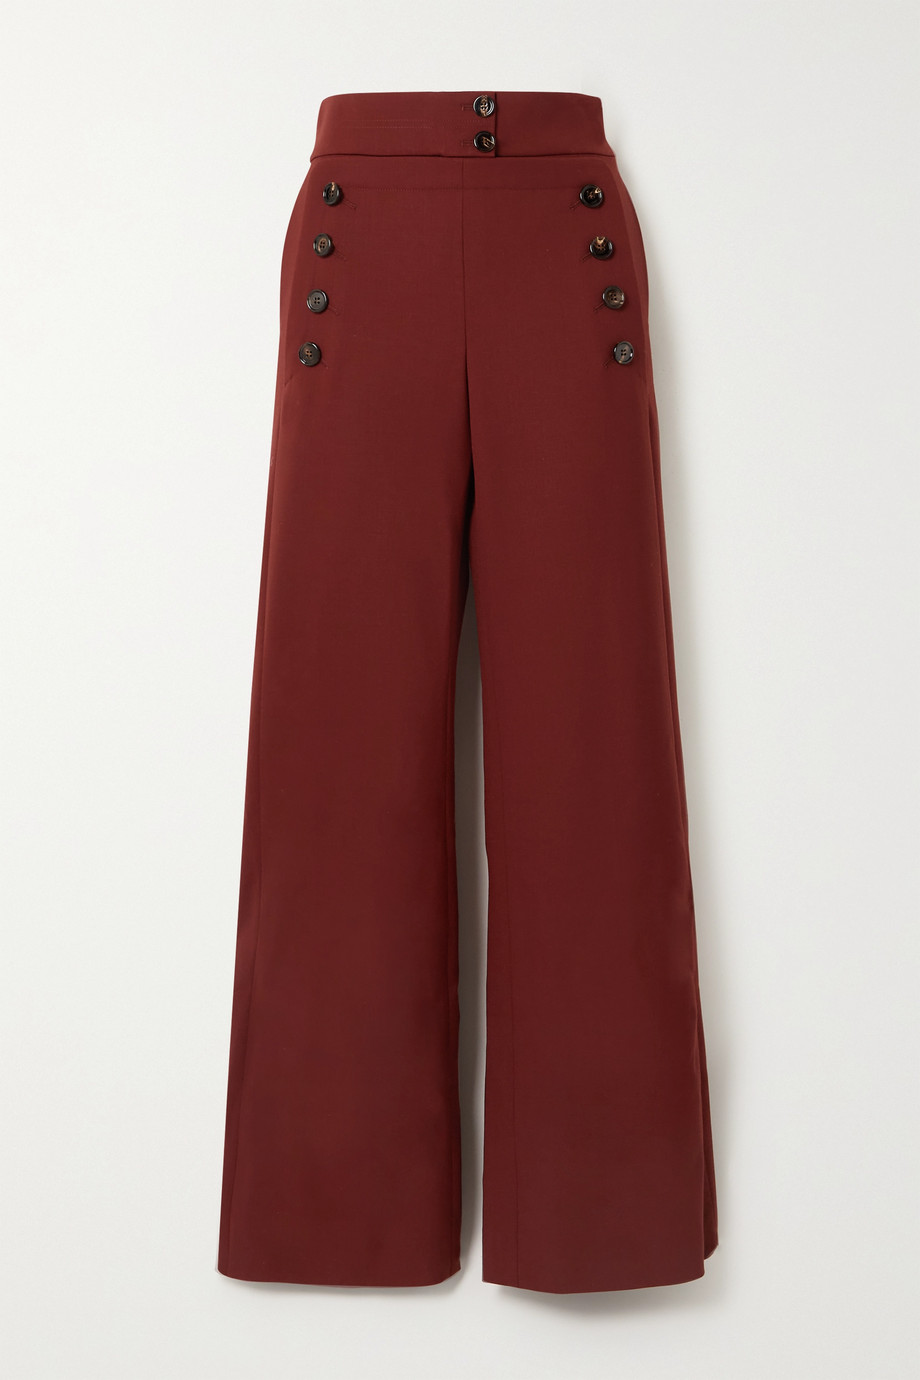 Chloé Pantalon large en laine stretch